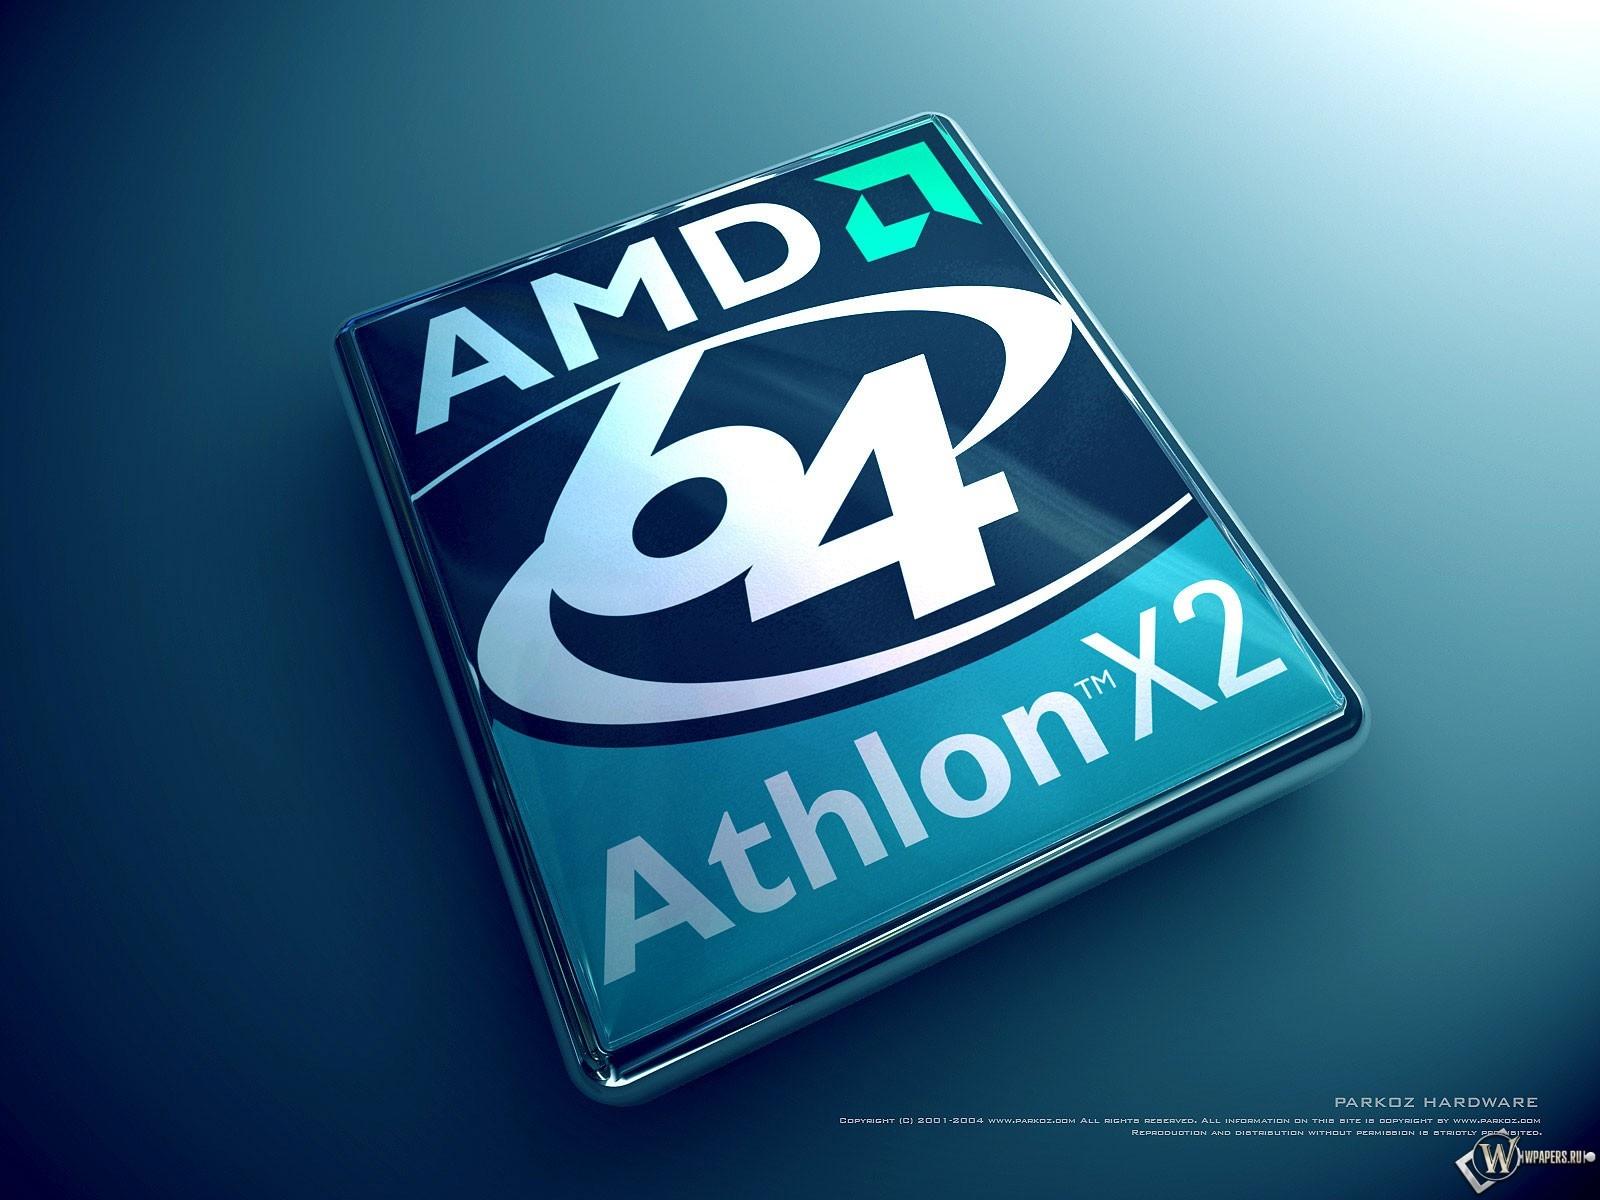 Athlon X2 1600x1200